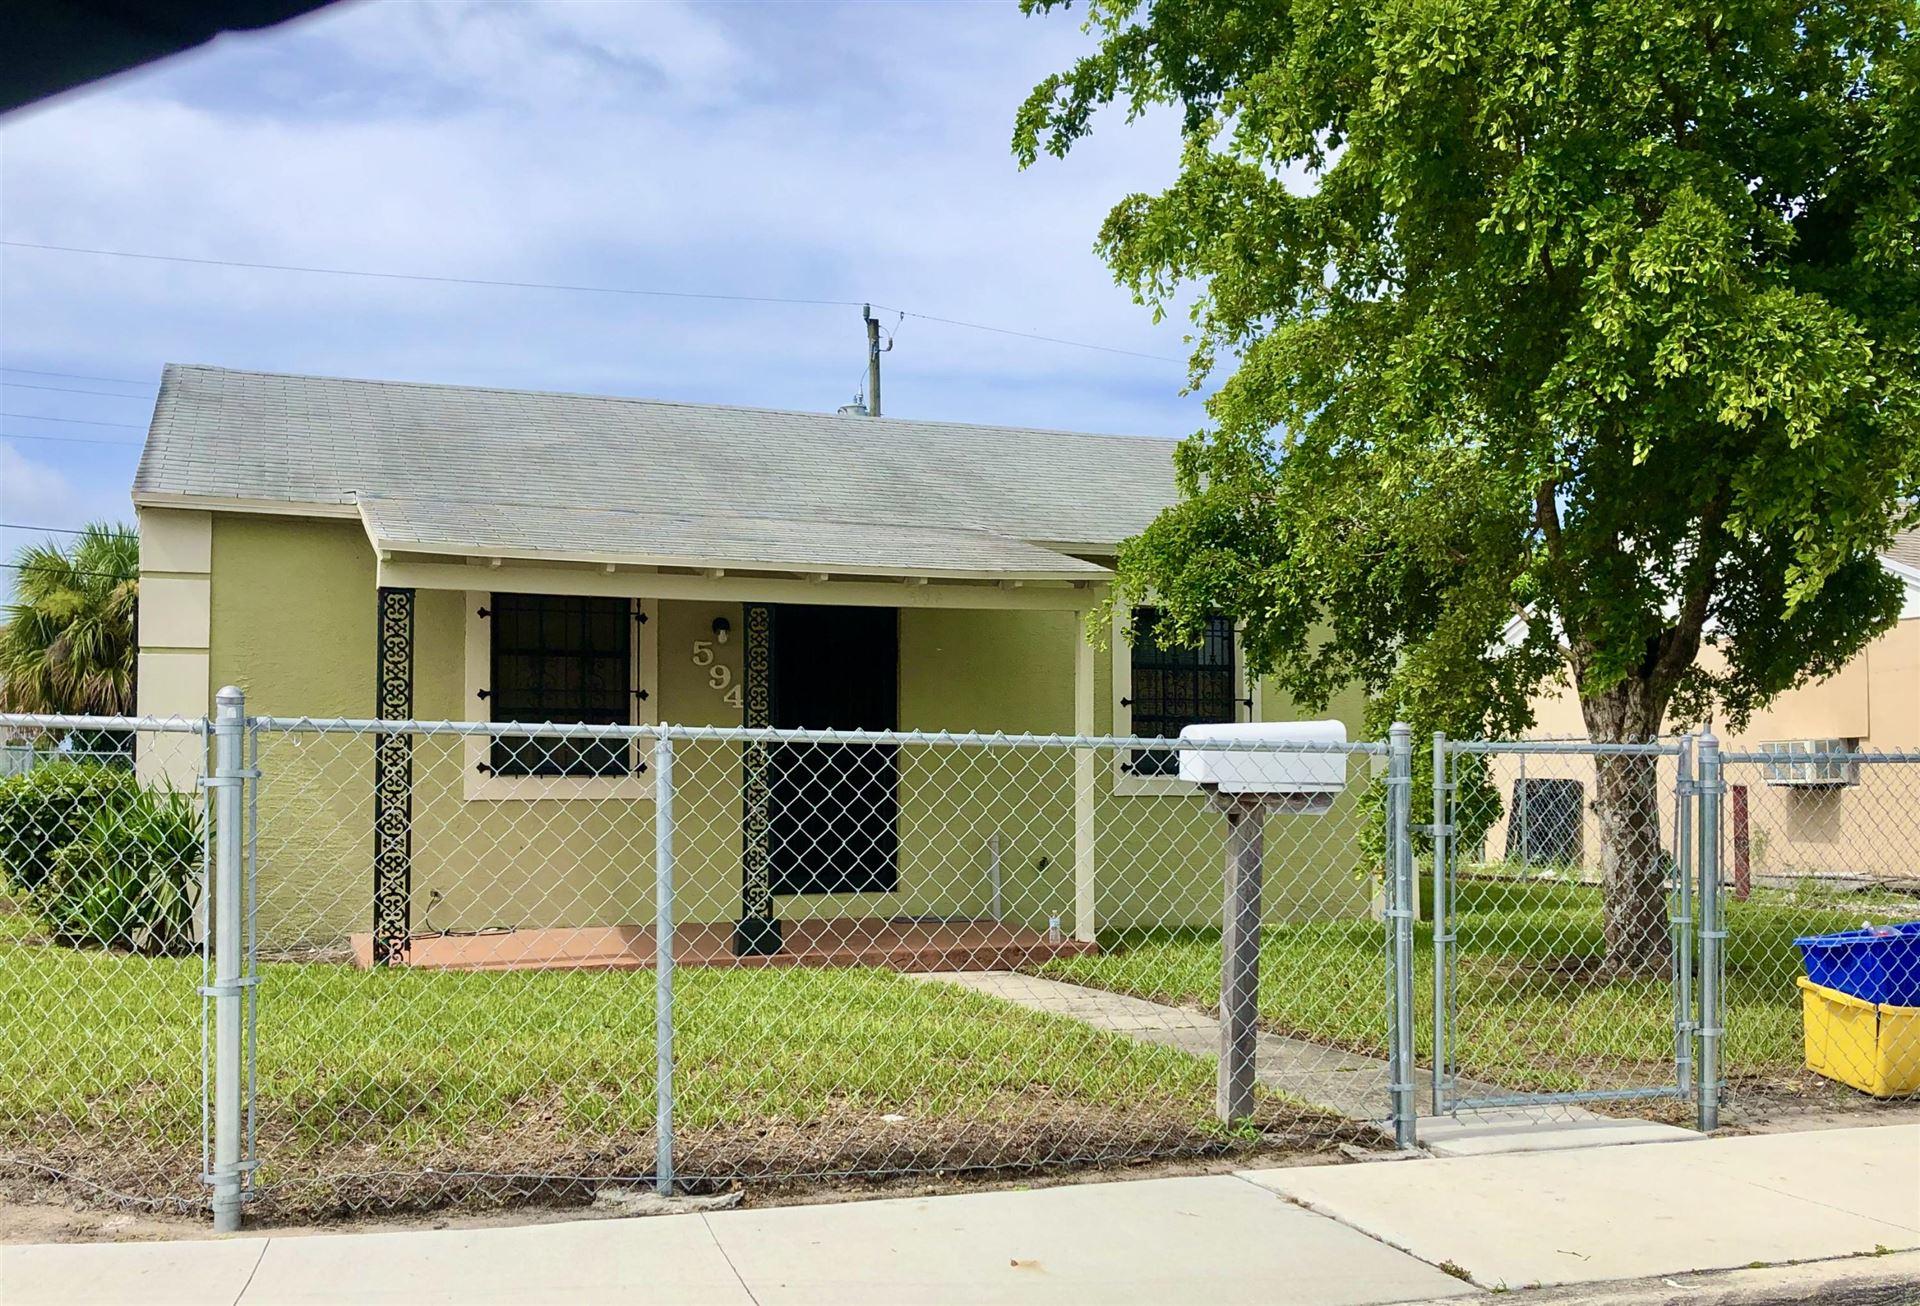 Photo of 594 W 3rd Street, Riviera Beach, FL 33404 (MLS # RX-10653685)